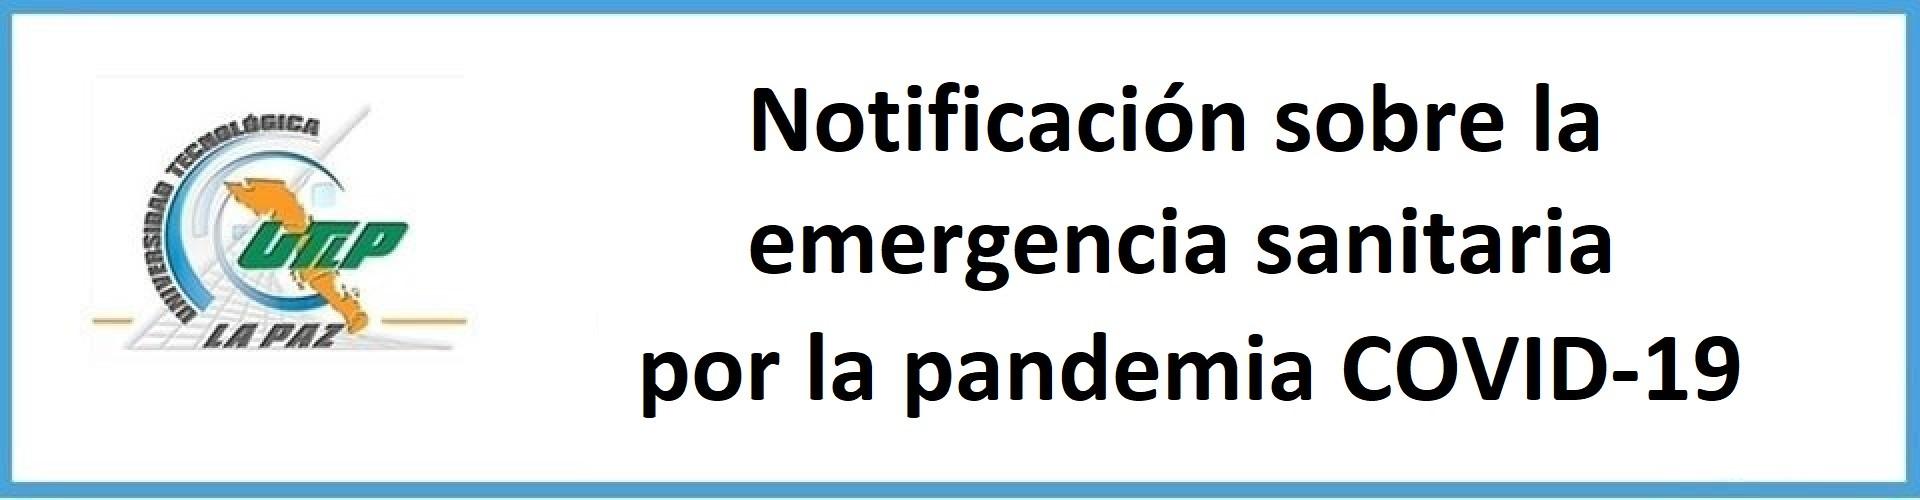 Notificación por pandemia COVID (30 de abril del 2020)